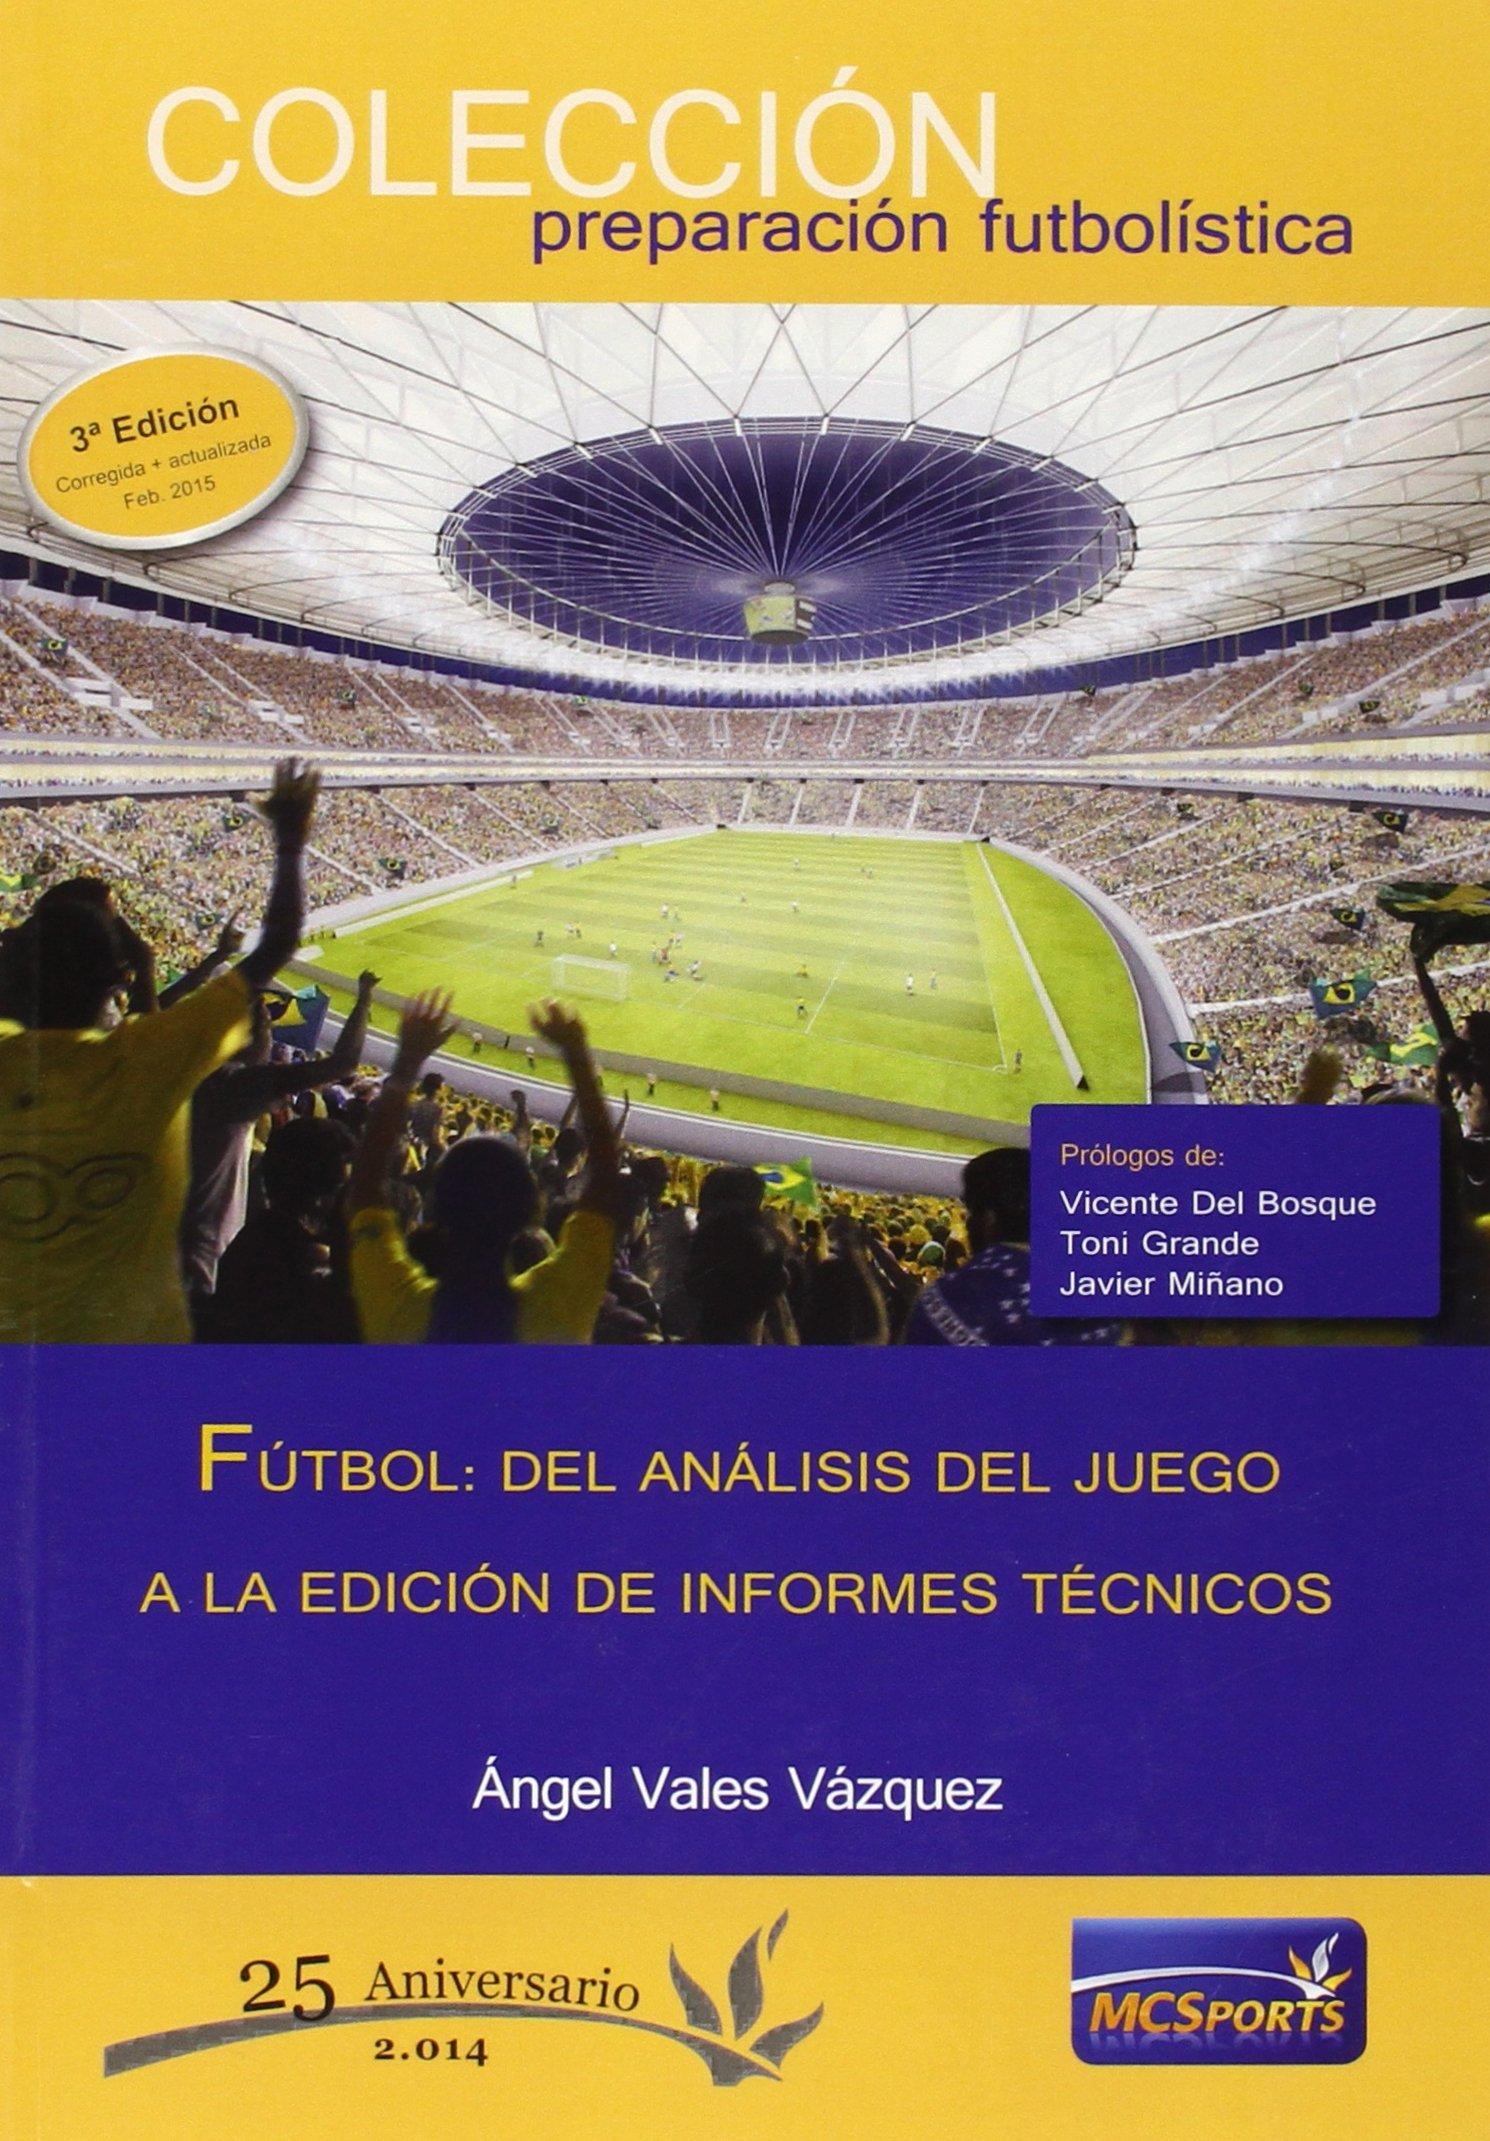 Fútbol: Del análisis del juego a la edición de informes técnicos (Preparacion Futbolistica) Tapa blanda – 1 feb 2015 Ángel Vales Vázquez Moreno y Conde Sports S.L. 849417228X